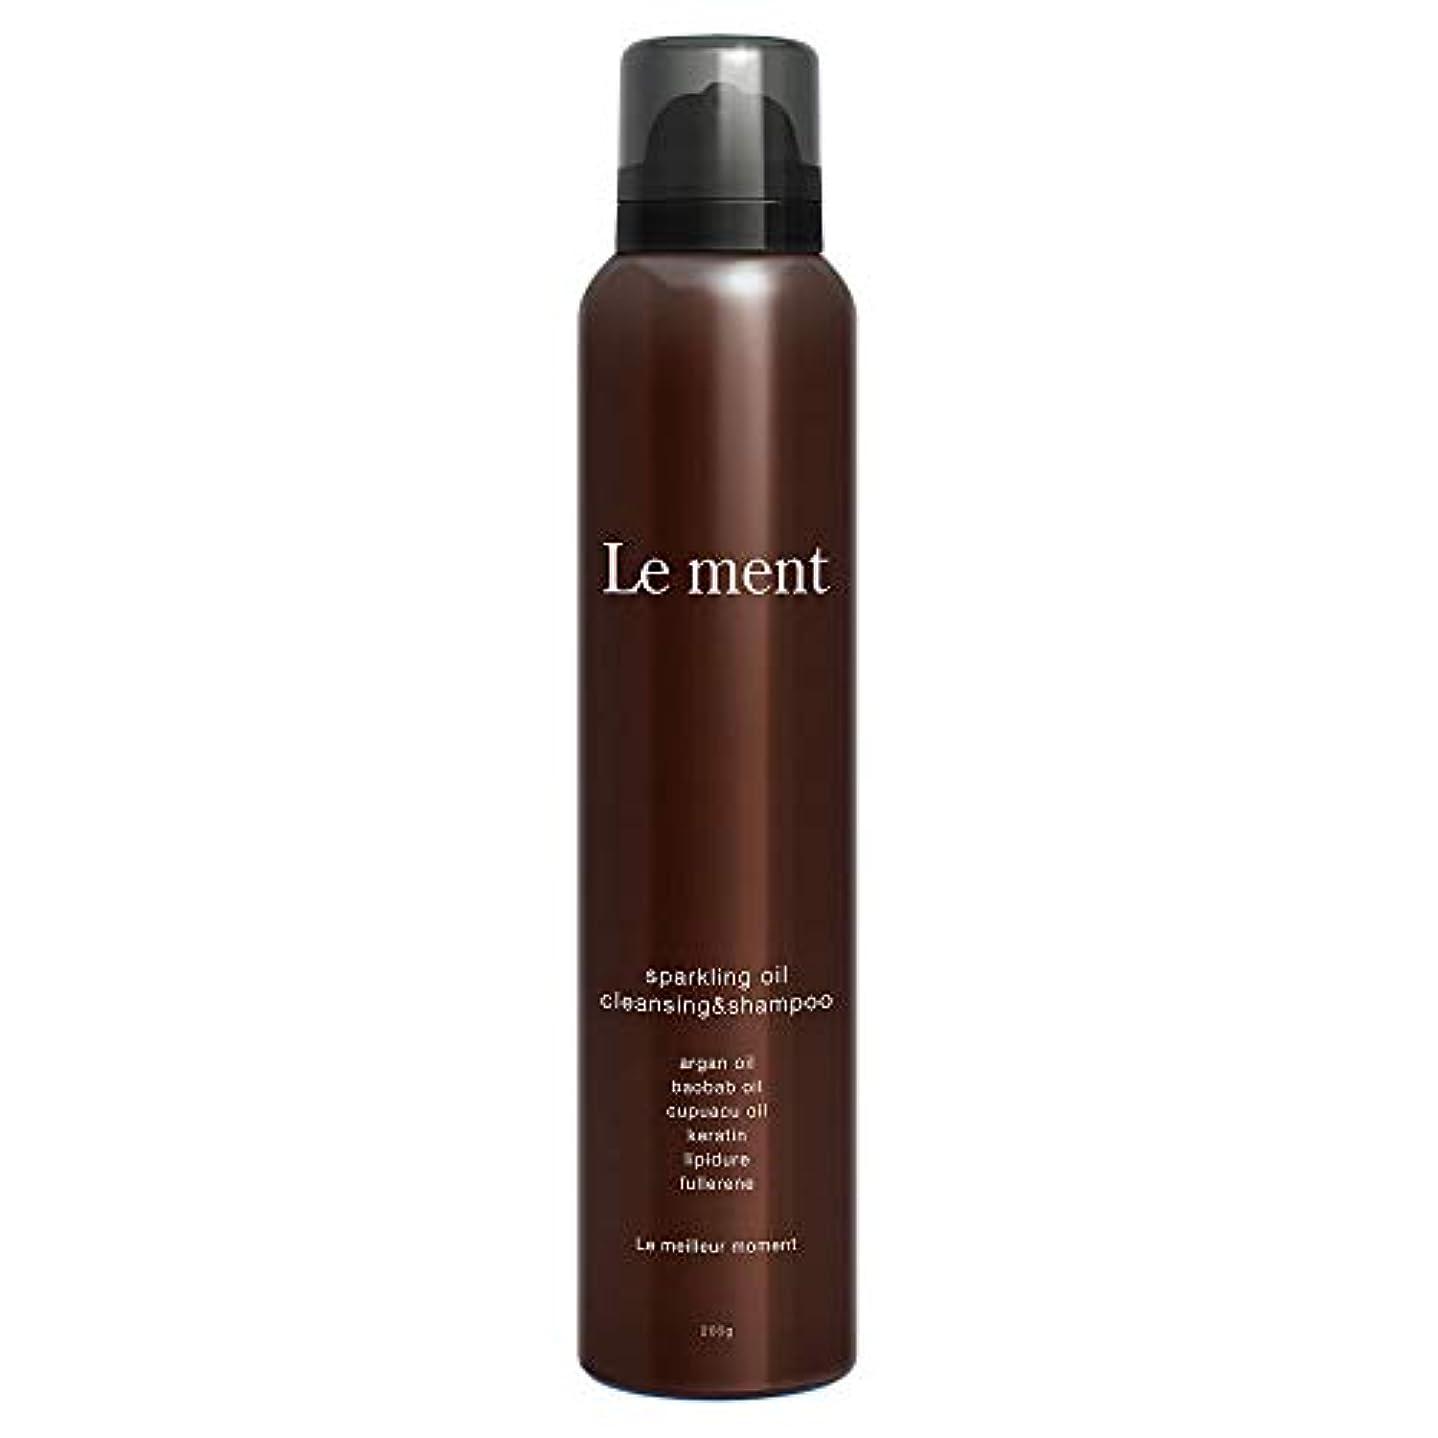 のれん含める雑草Le ment -sparkling oil cleansing & shampoo -